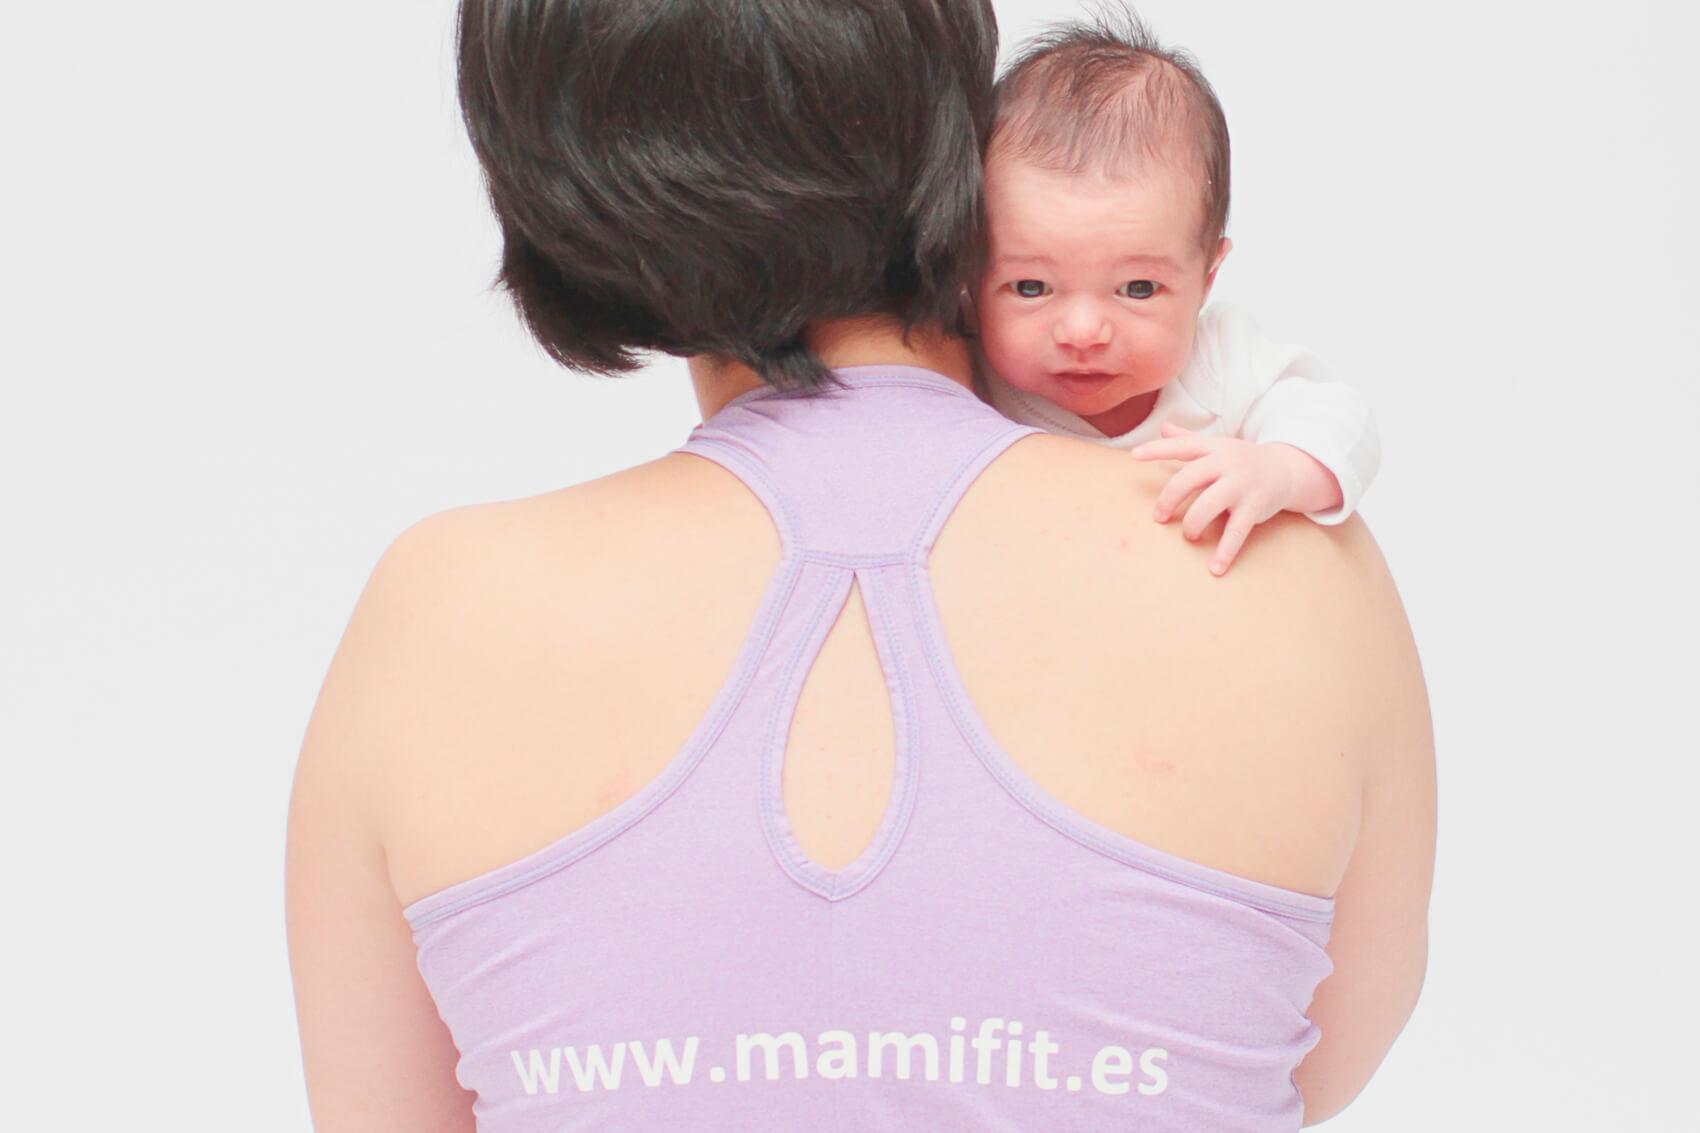 Mi bebé no para, ¿podré hacer ejercicio con él?